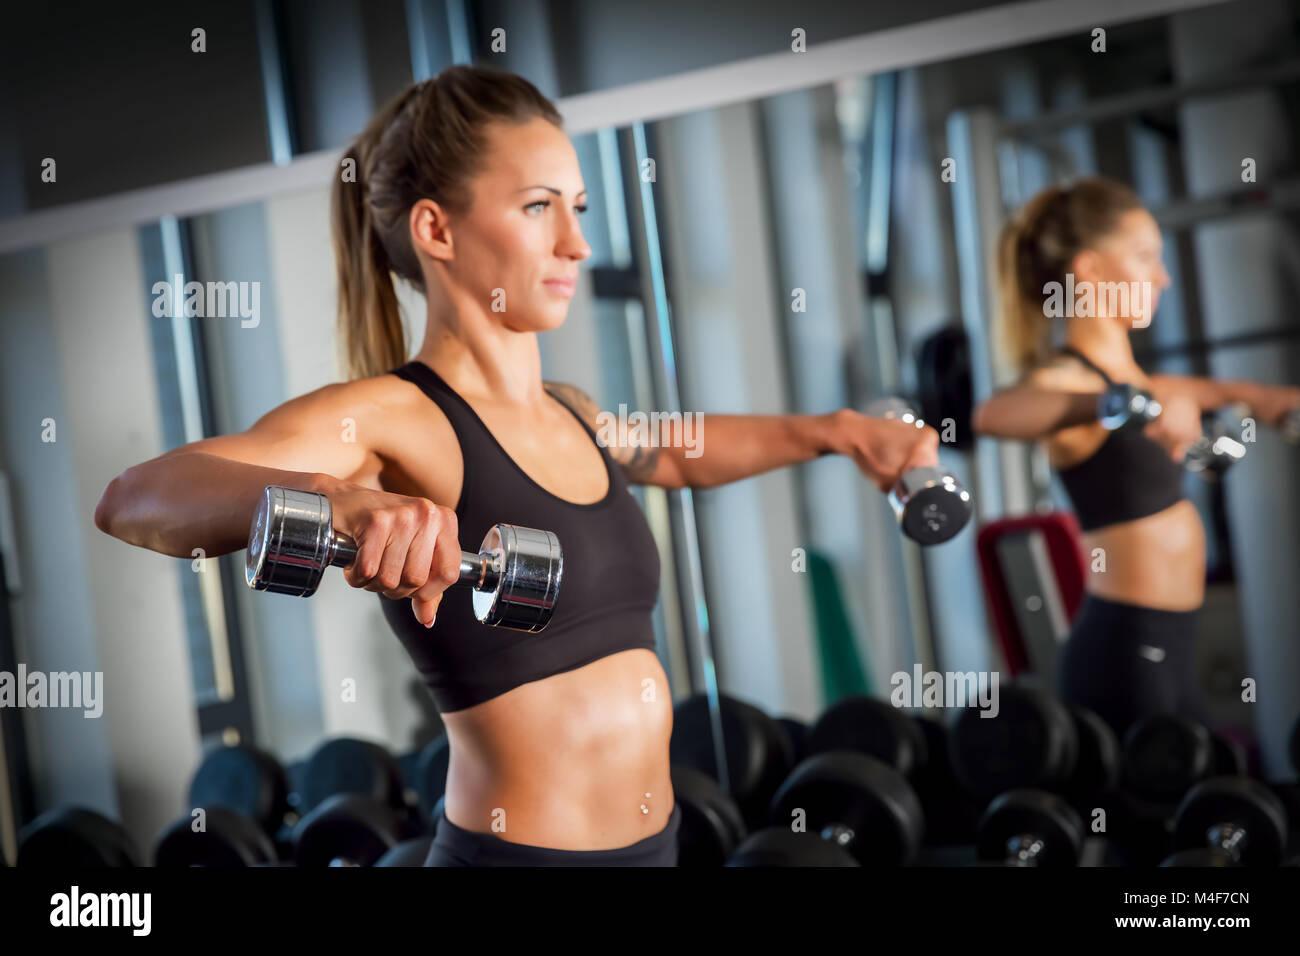 Donna attraente il sollevamento pesi in palestra. Immagini Stock